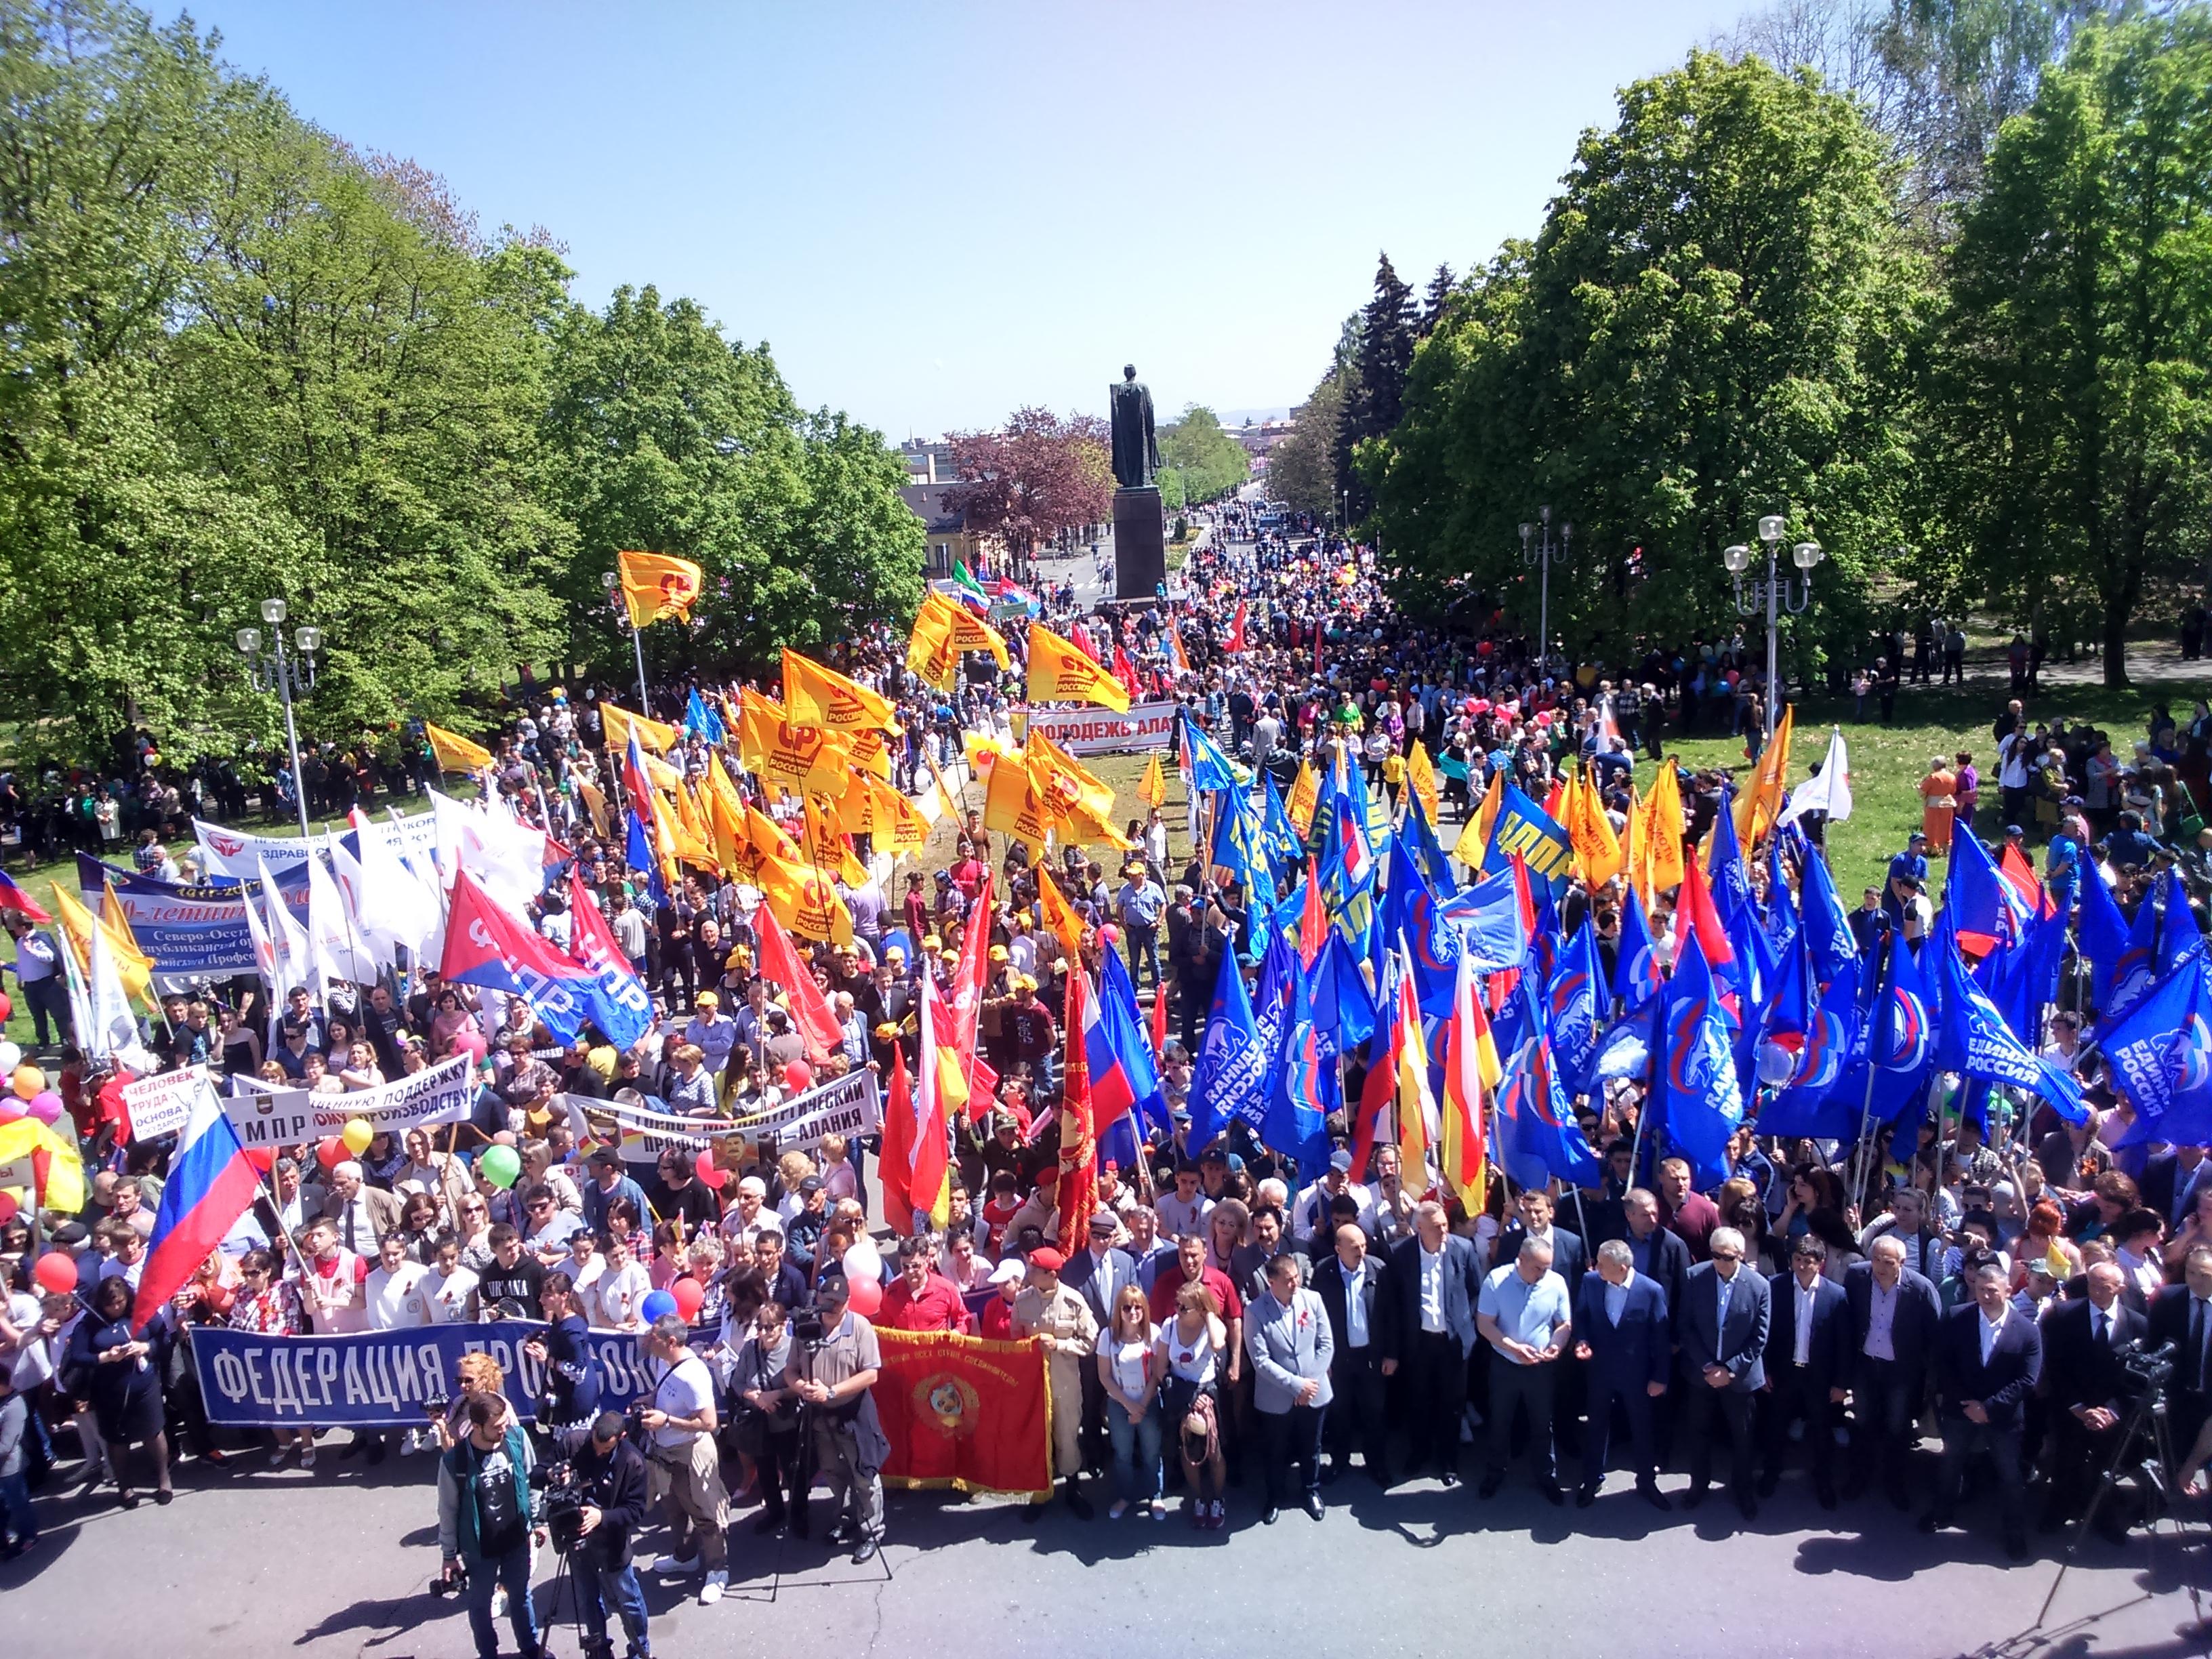 Более 7 тысяч человек приняли участие в первомайском шествии